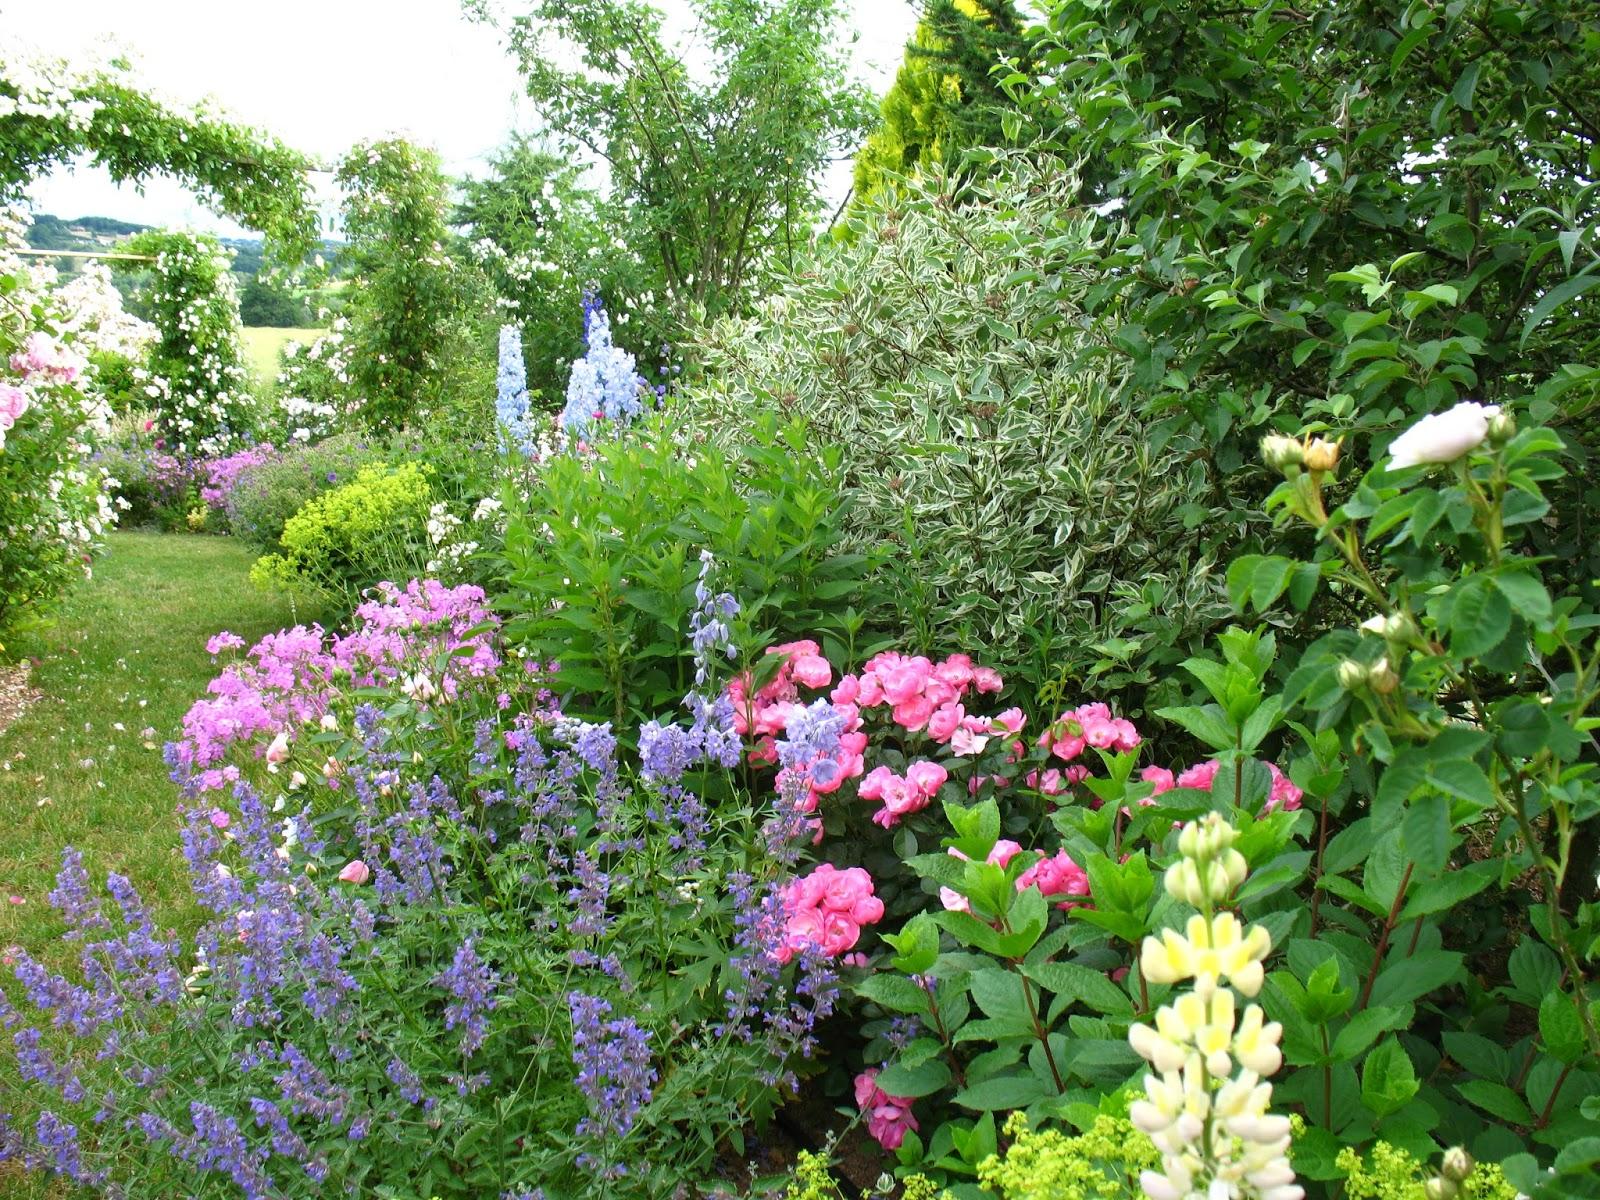 Des id es pour r aliser un massif 4 saisons jardinier conseil - Taille des hortensias fleurs ...